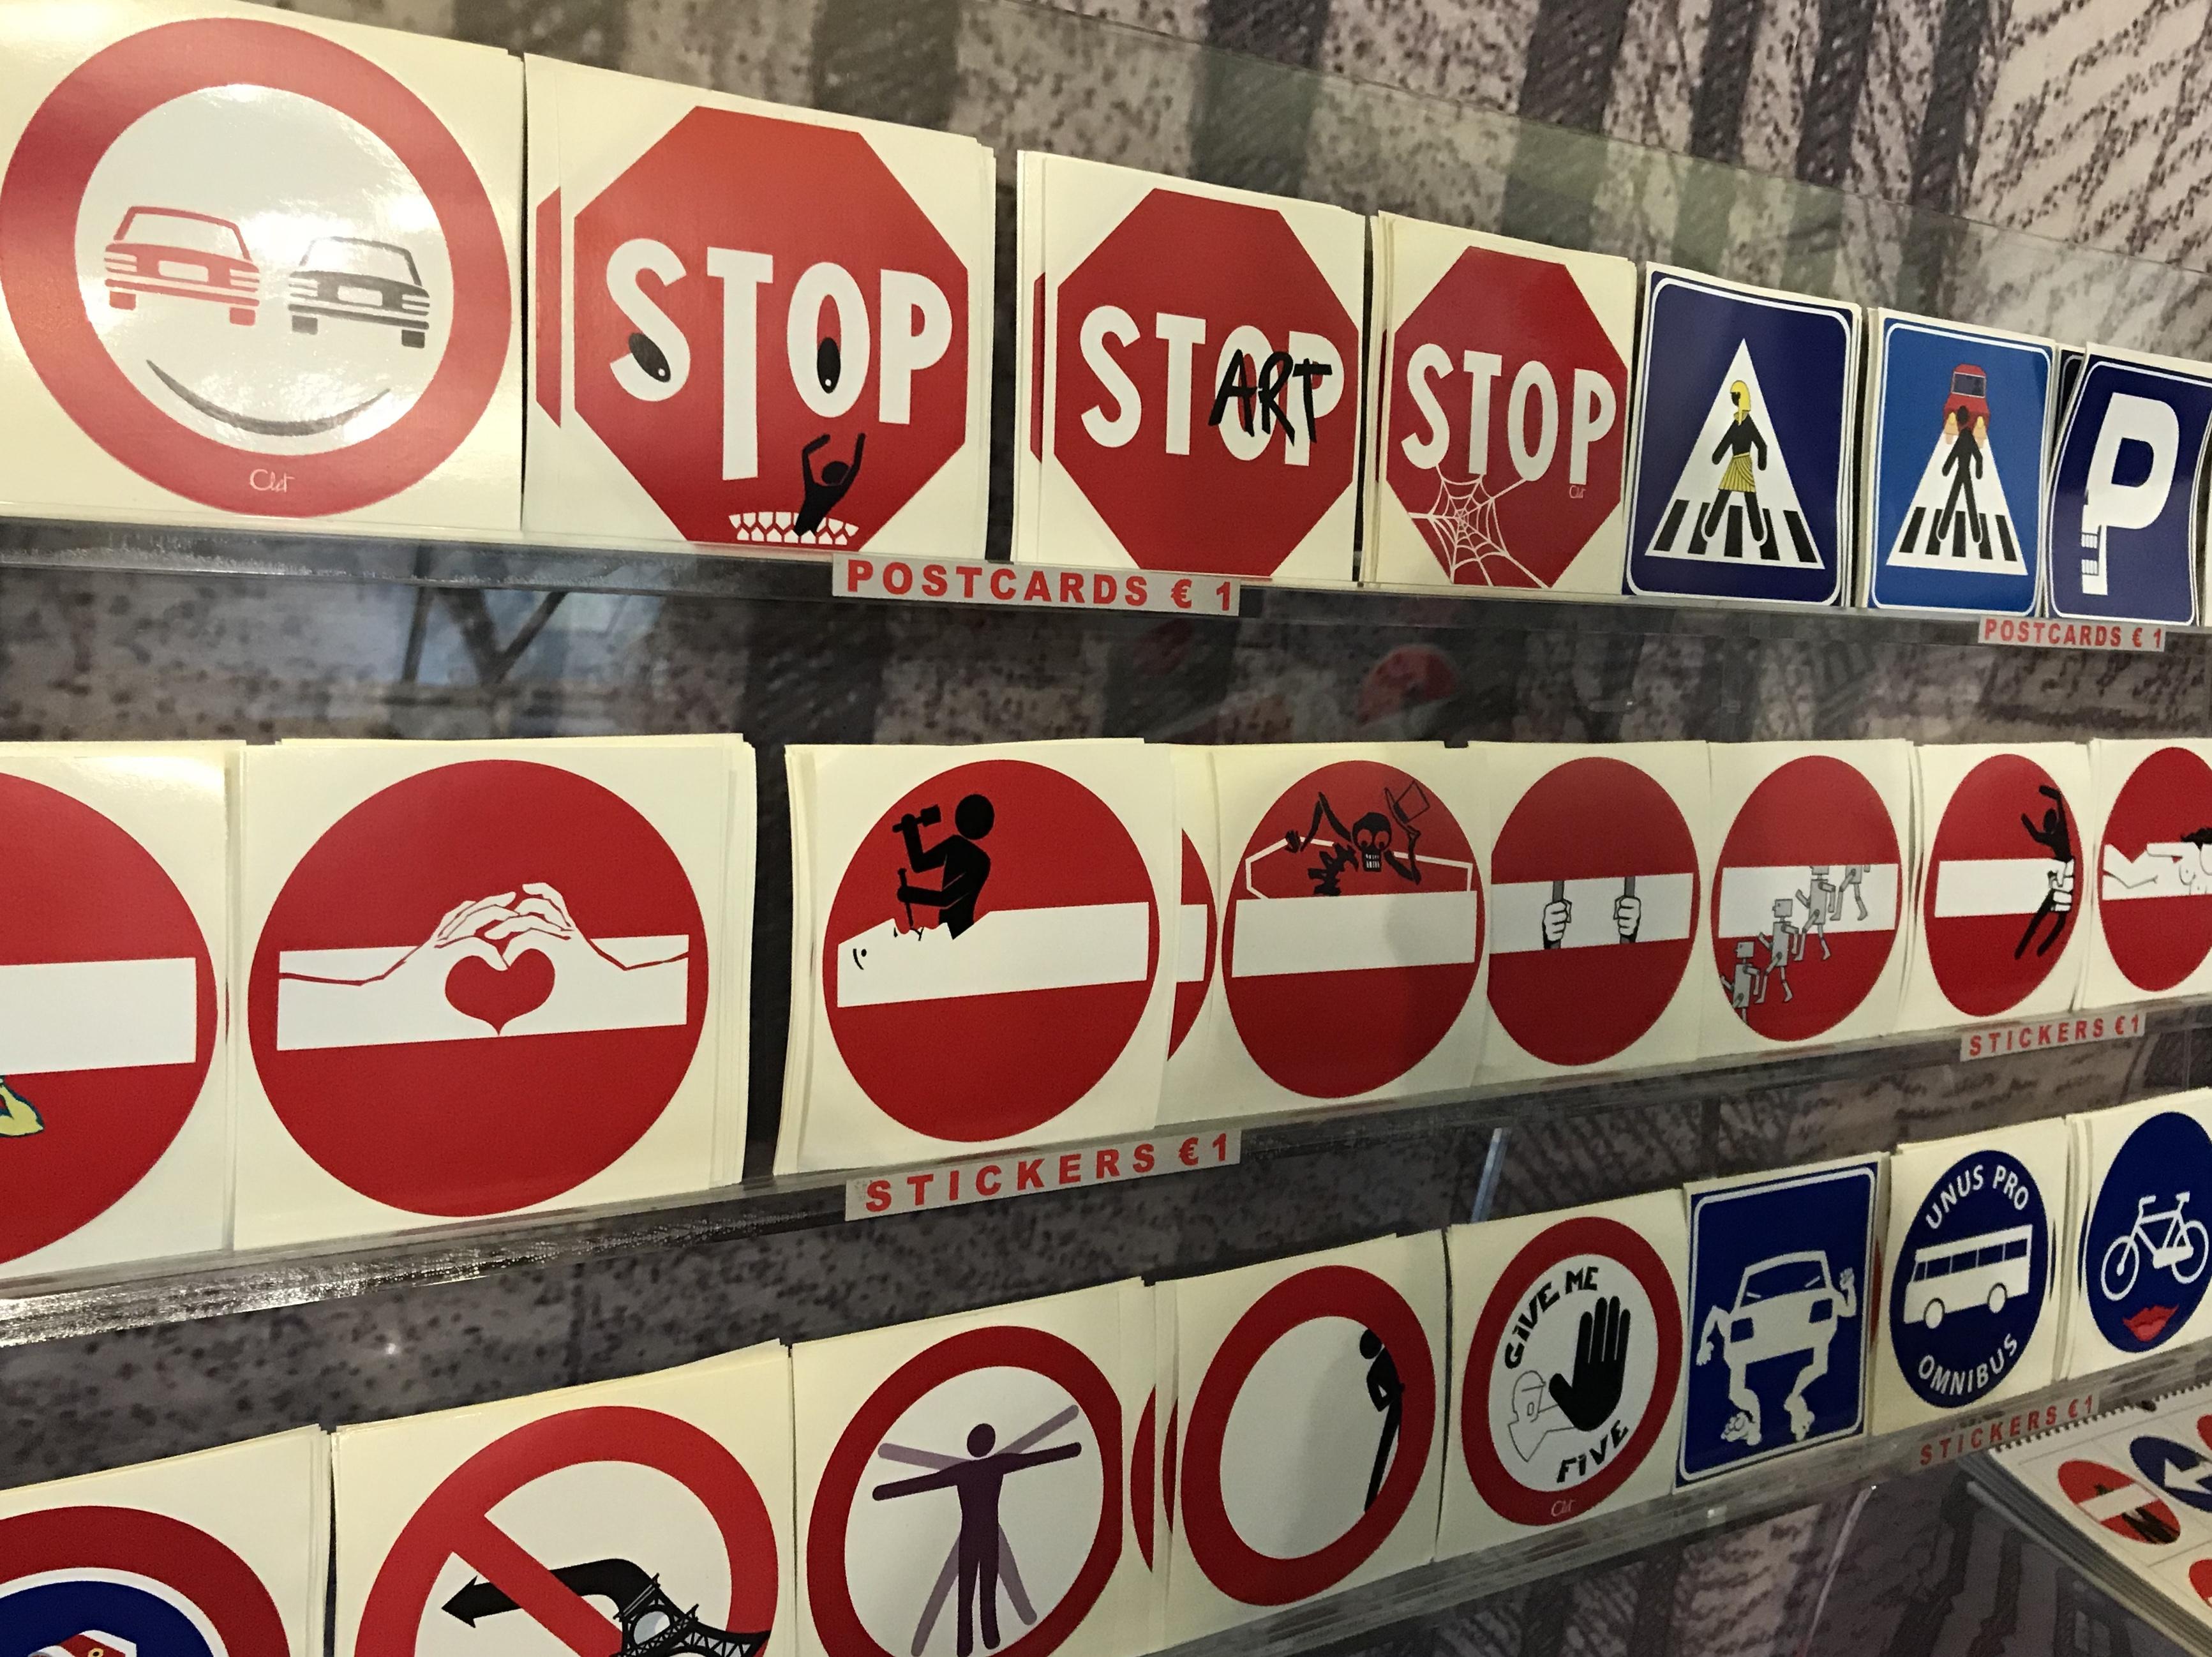 CLET. Florencja. Znaki drogowe w nowej odsłonie.